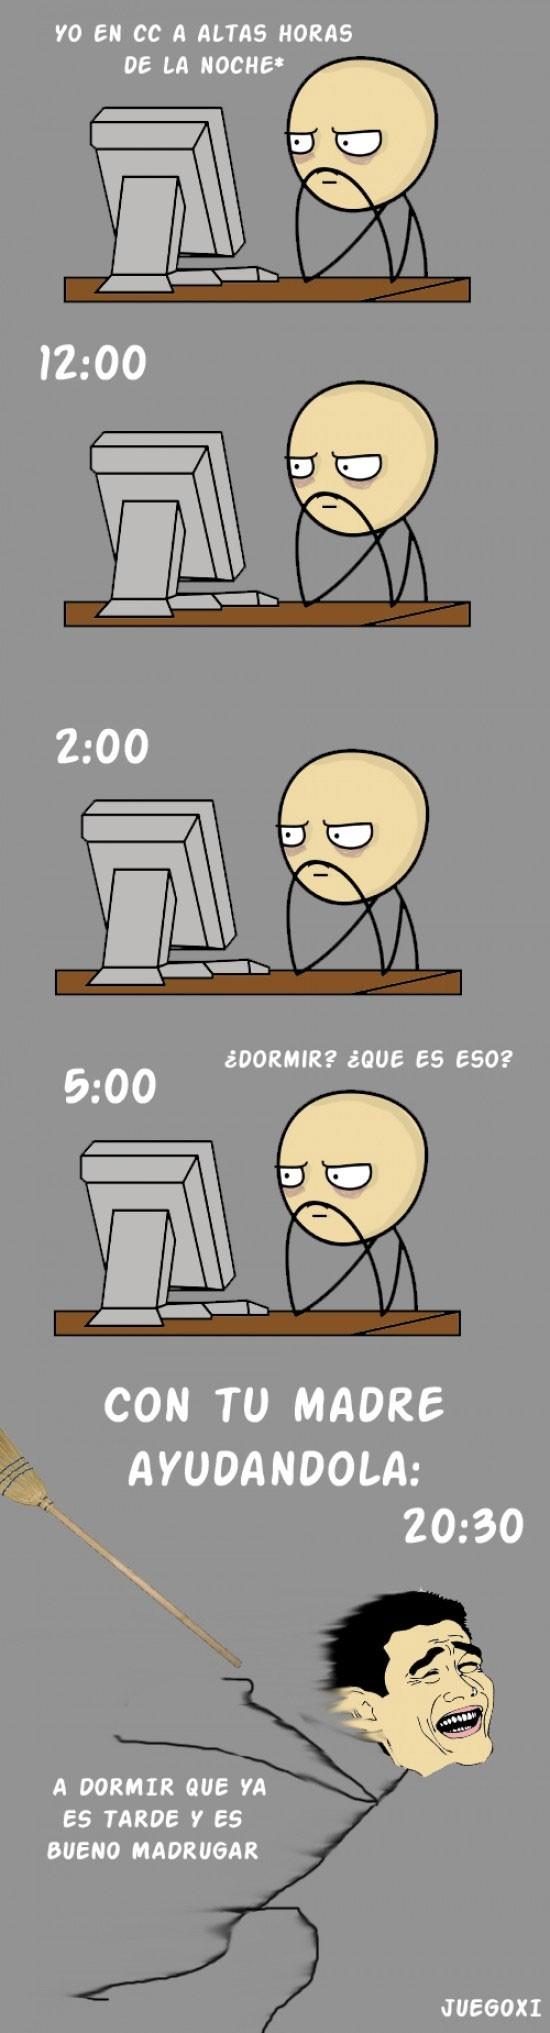 altas horas,ayudar,cc,computer guy,cuantocabron,dormir,madre,tarde,temprano,yao ming